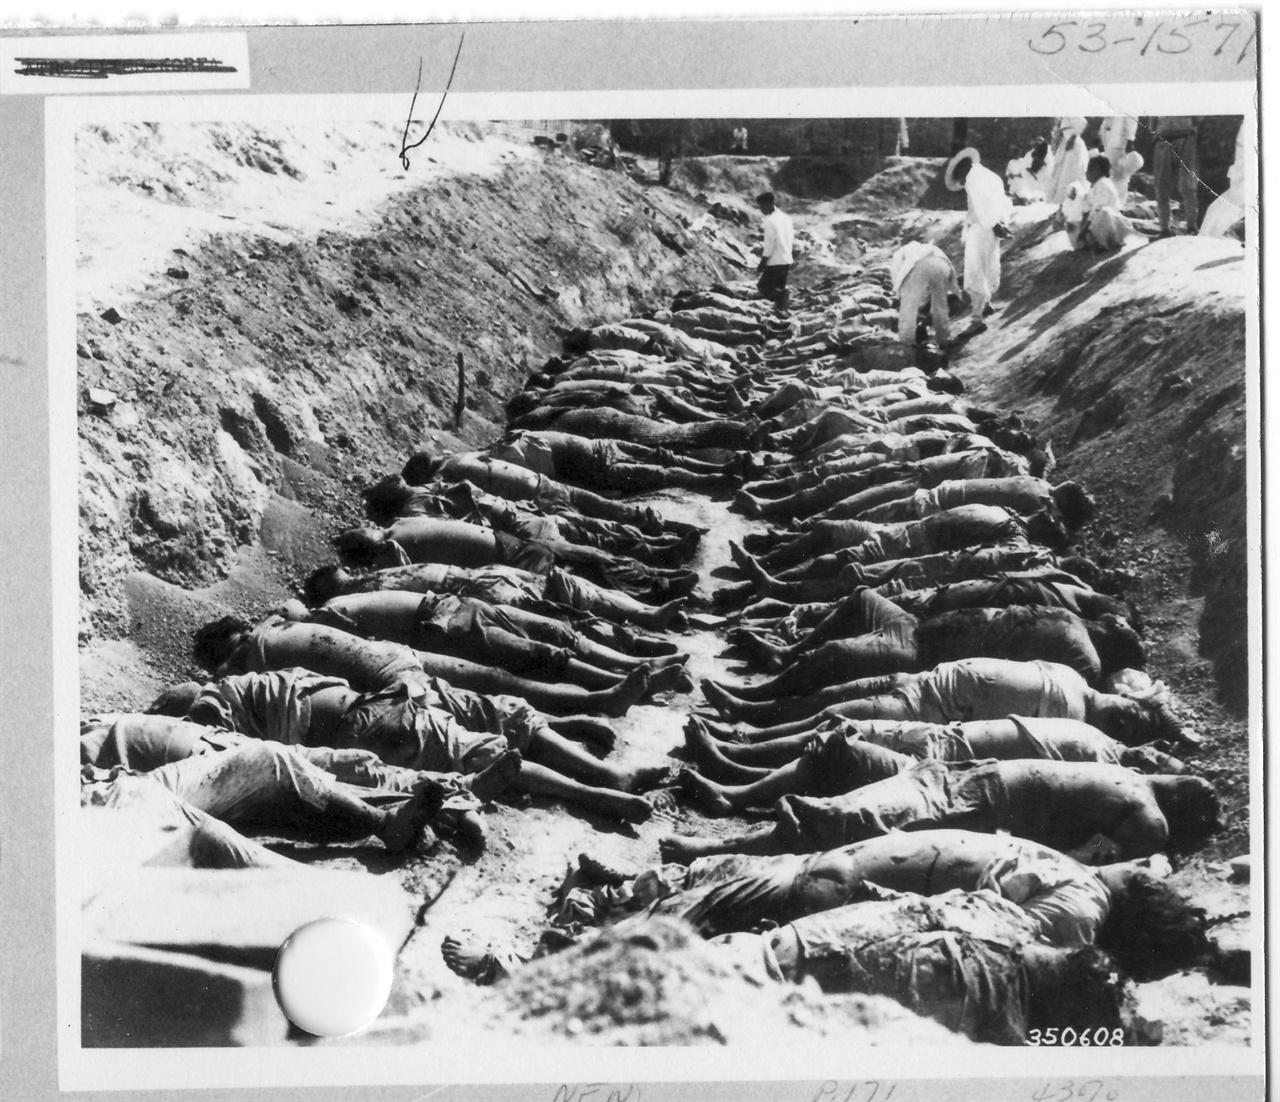 1950. 10. 진주, 학살 현장으로 시신들을 굴비 엮듯이 뉘어 놓았다.